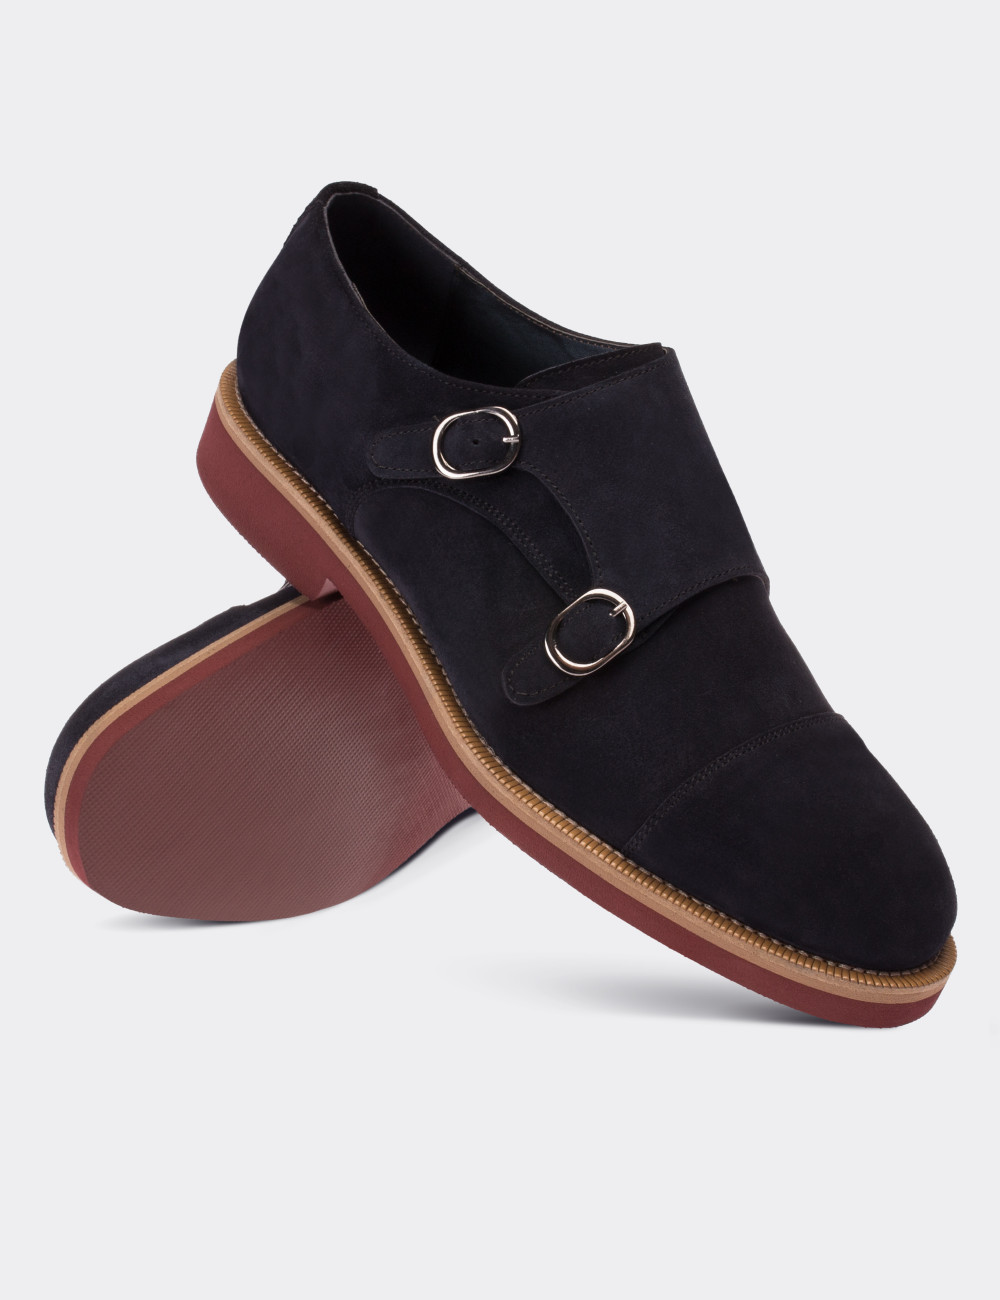 7d1506037af45 Navy Suede Calfskin Monk Straps Shoes - 01566MLCVE01